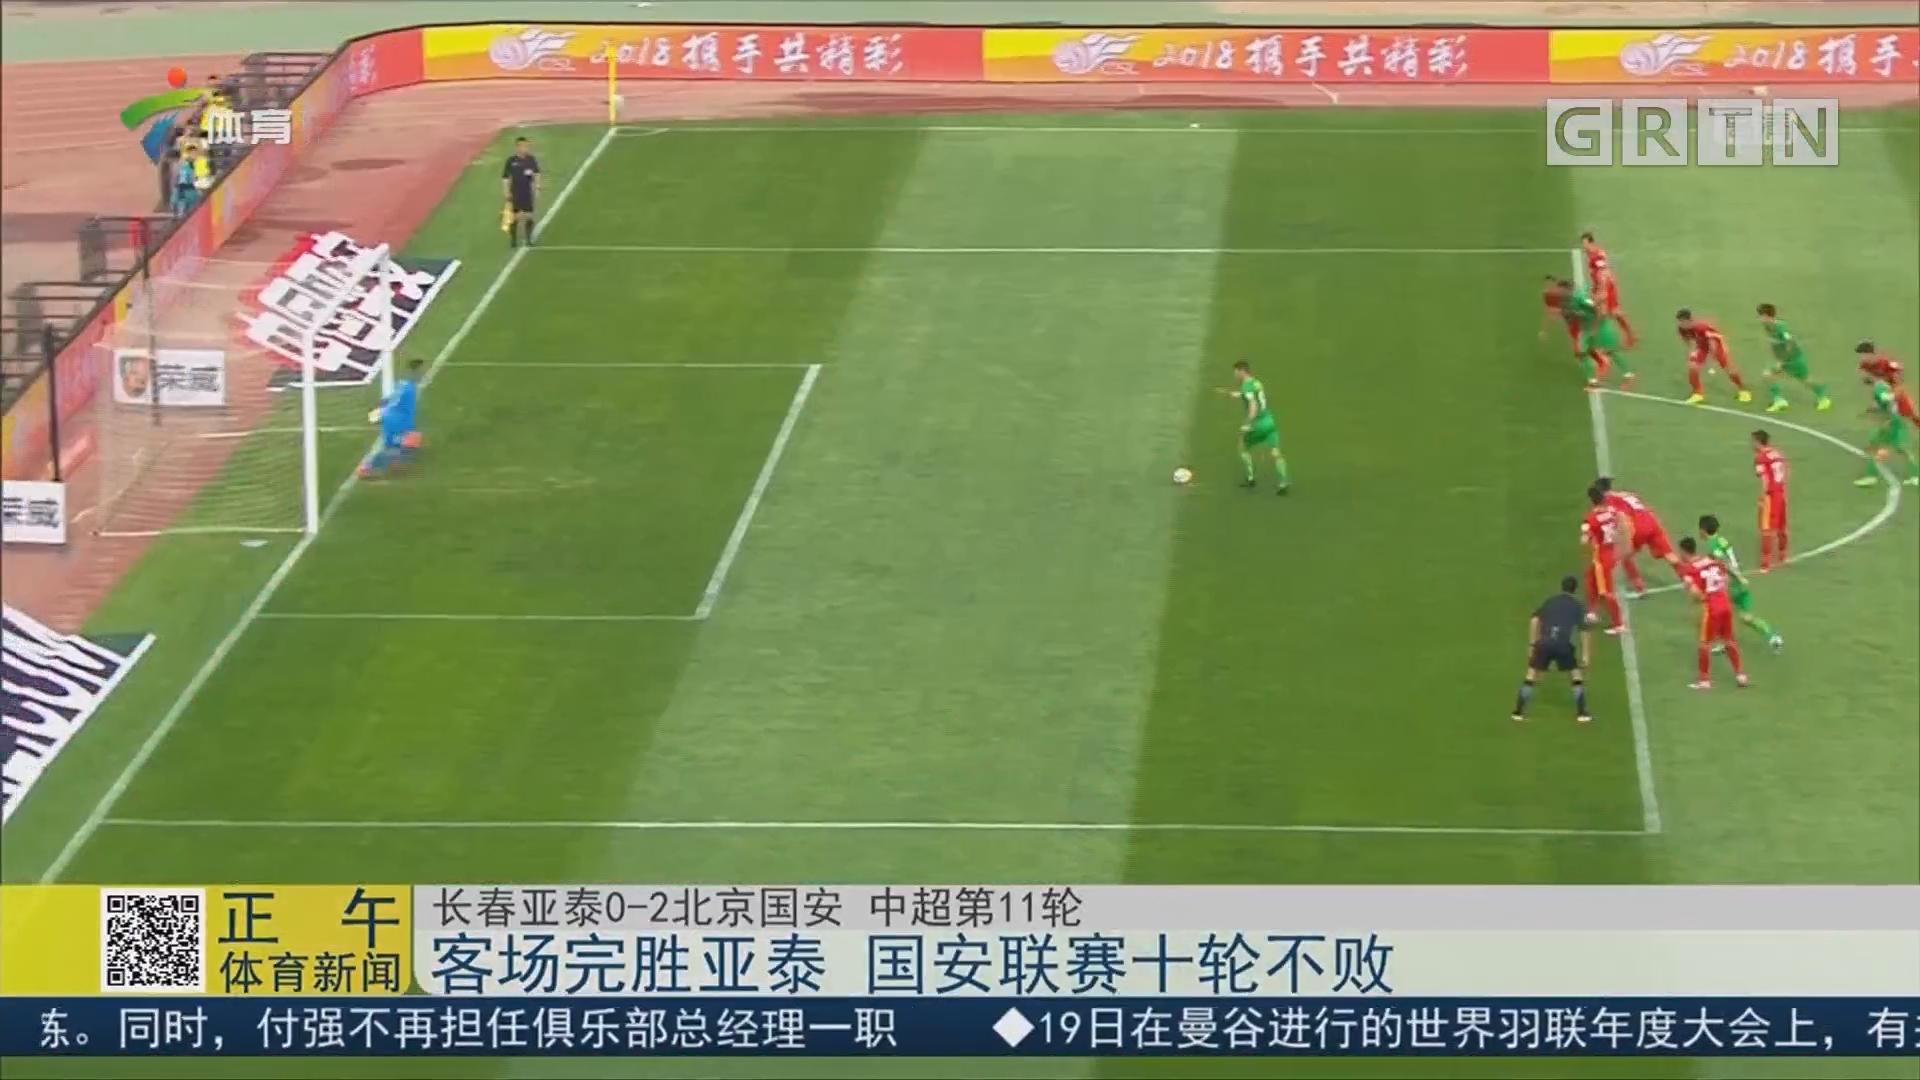 客场完胜亚泰 国安联赛十轮不败